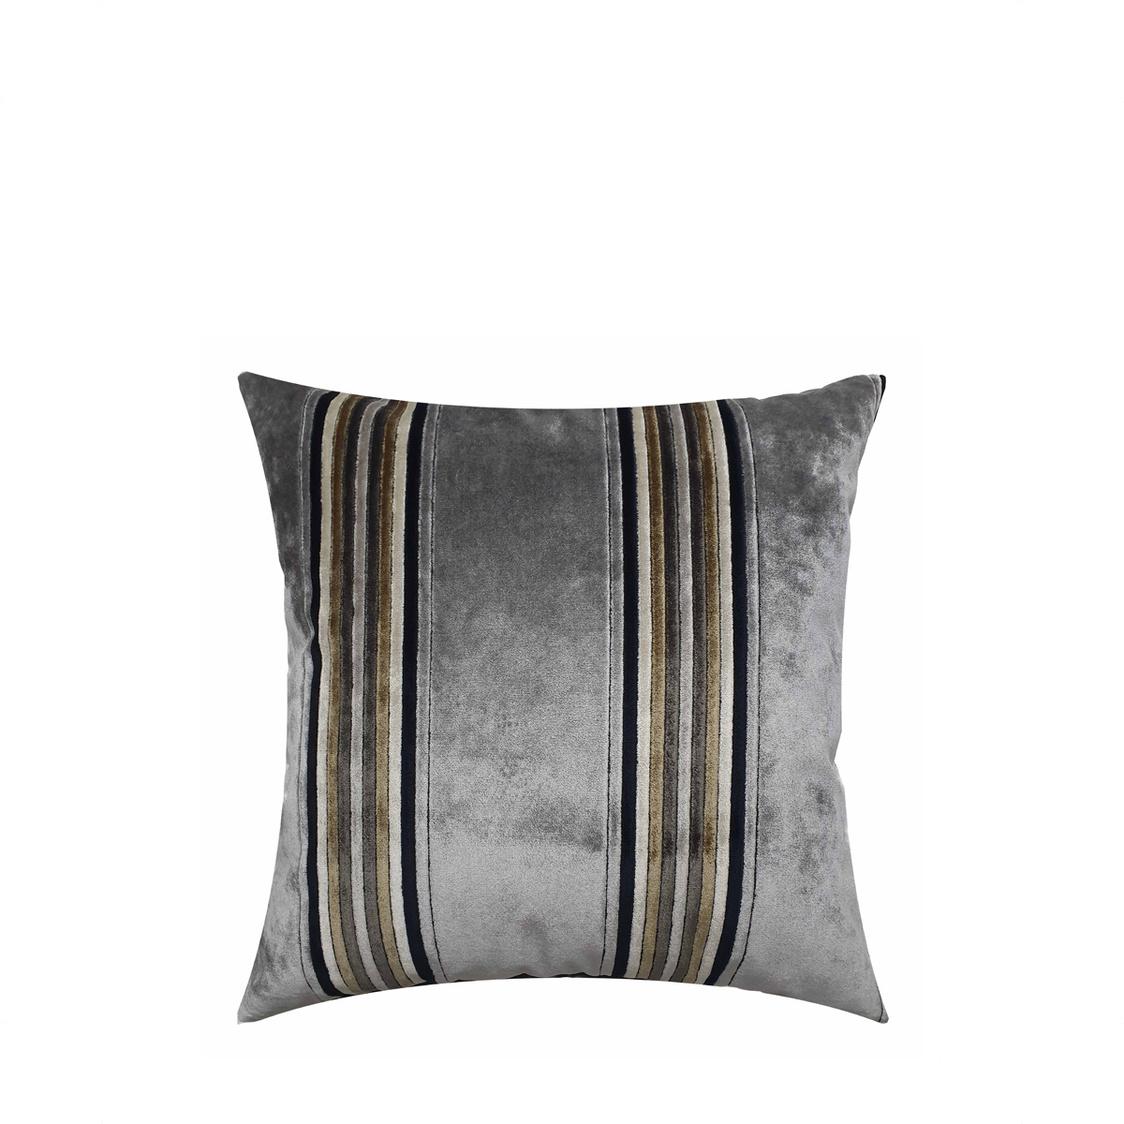 JRapee Desire Cushion Cover Silver 43x43cm